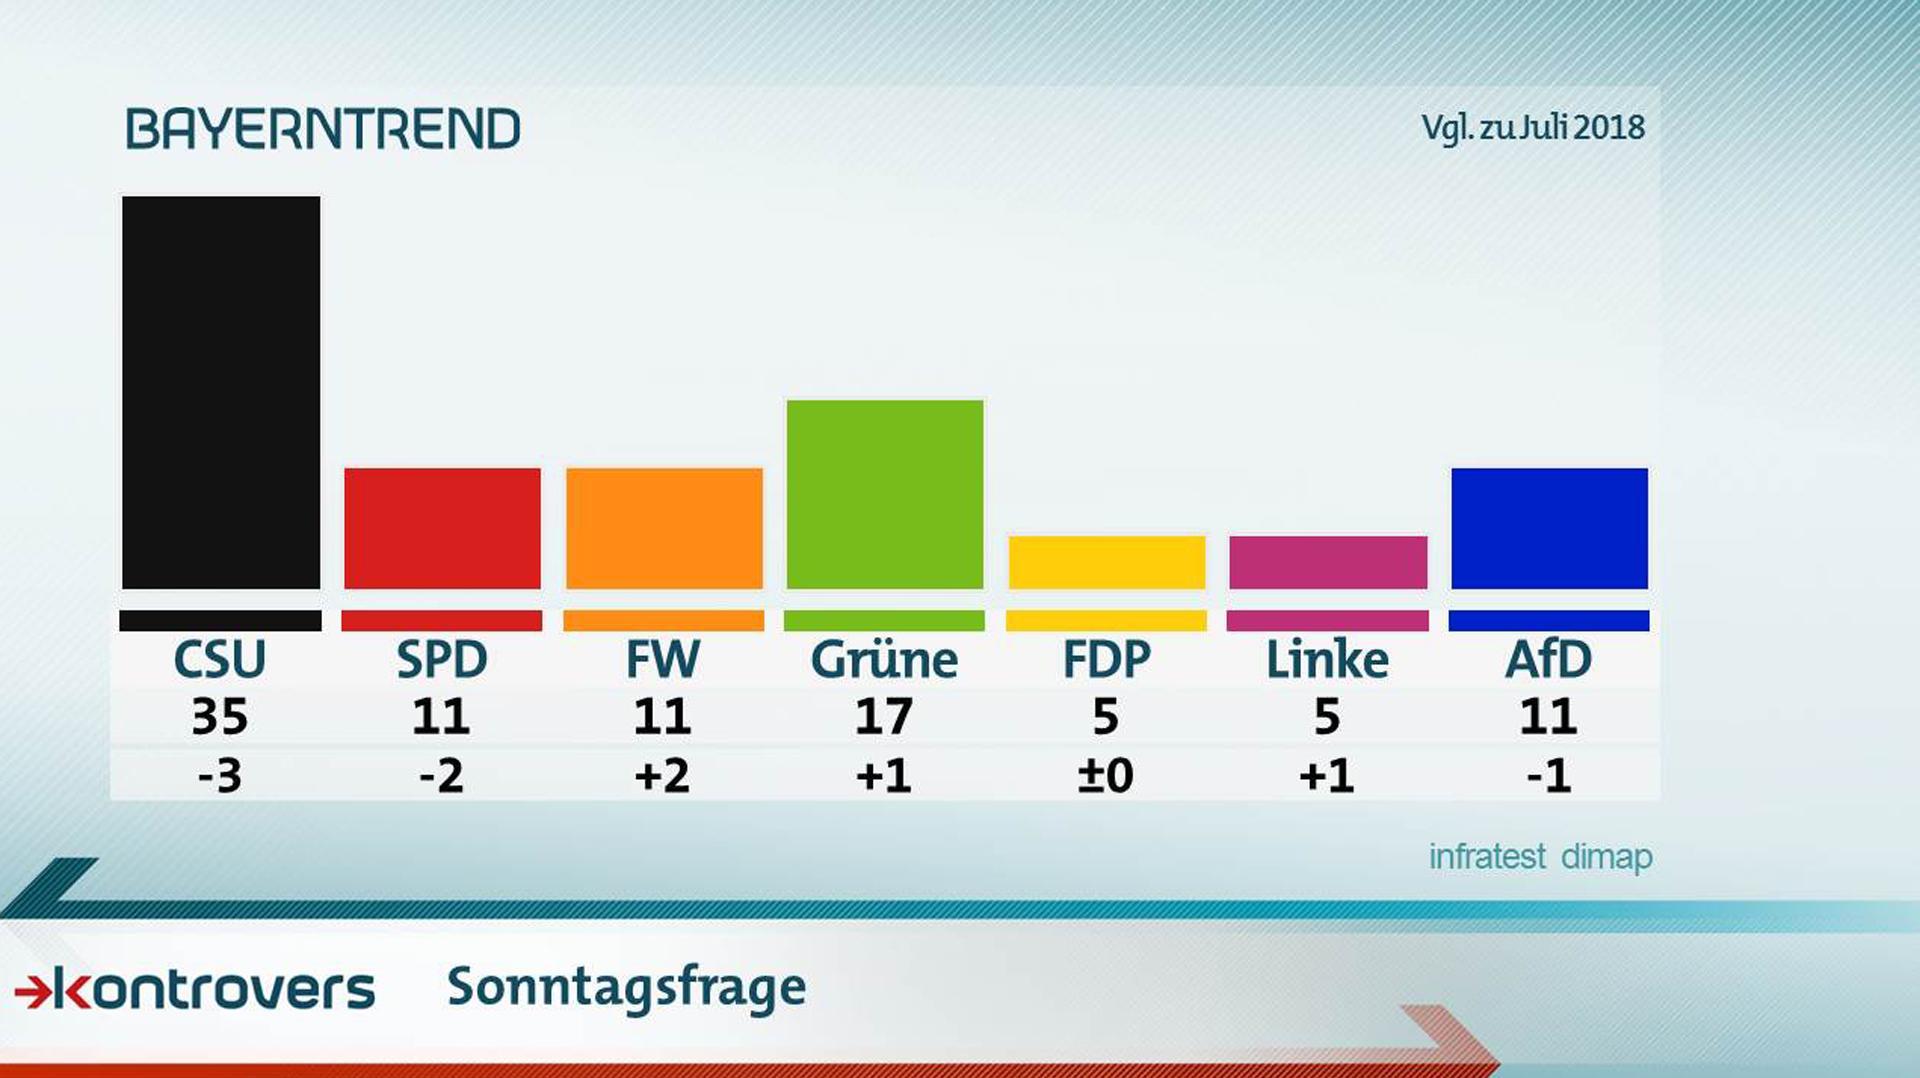 Die Ergebnisse der Sonntagsfrage im September-BayernTrend 2018 - zusammen mit den Vergleichszahlen von Juli 2018. CSU 35 Prozent, SPD 11, FW 11, Grüne 17, FDP 5, Linke 5, AfD 11